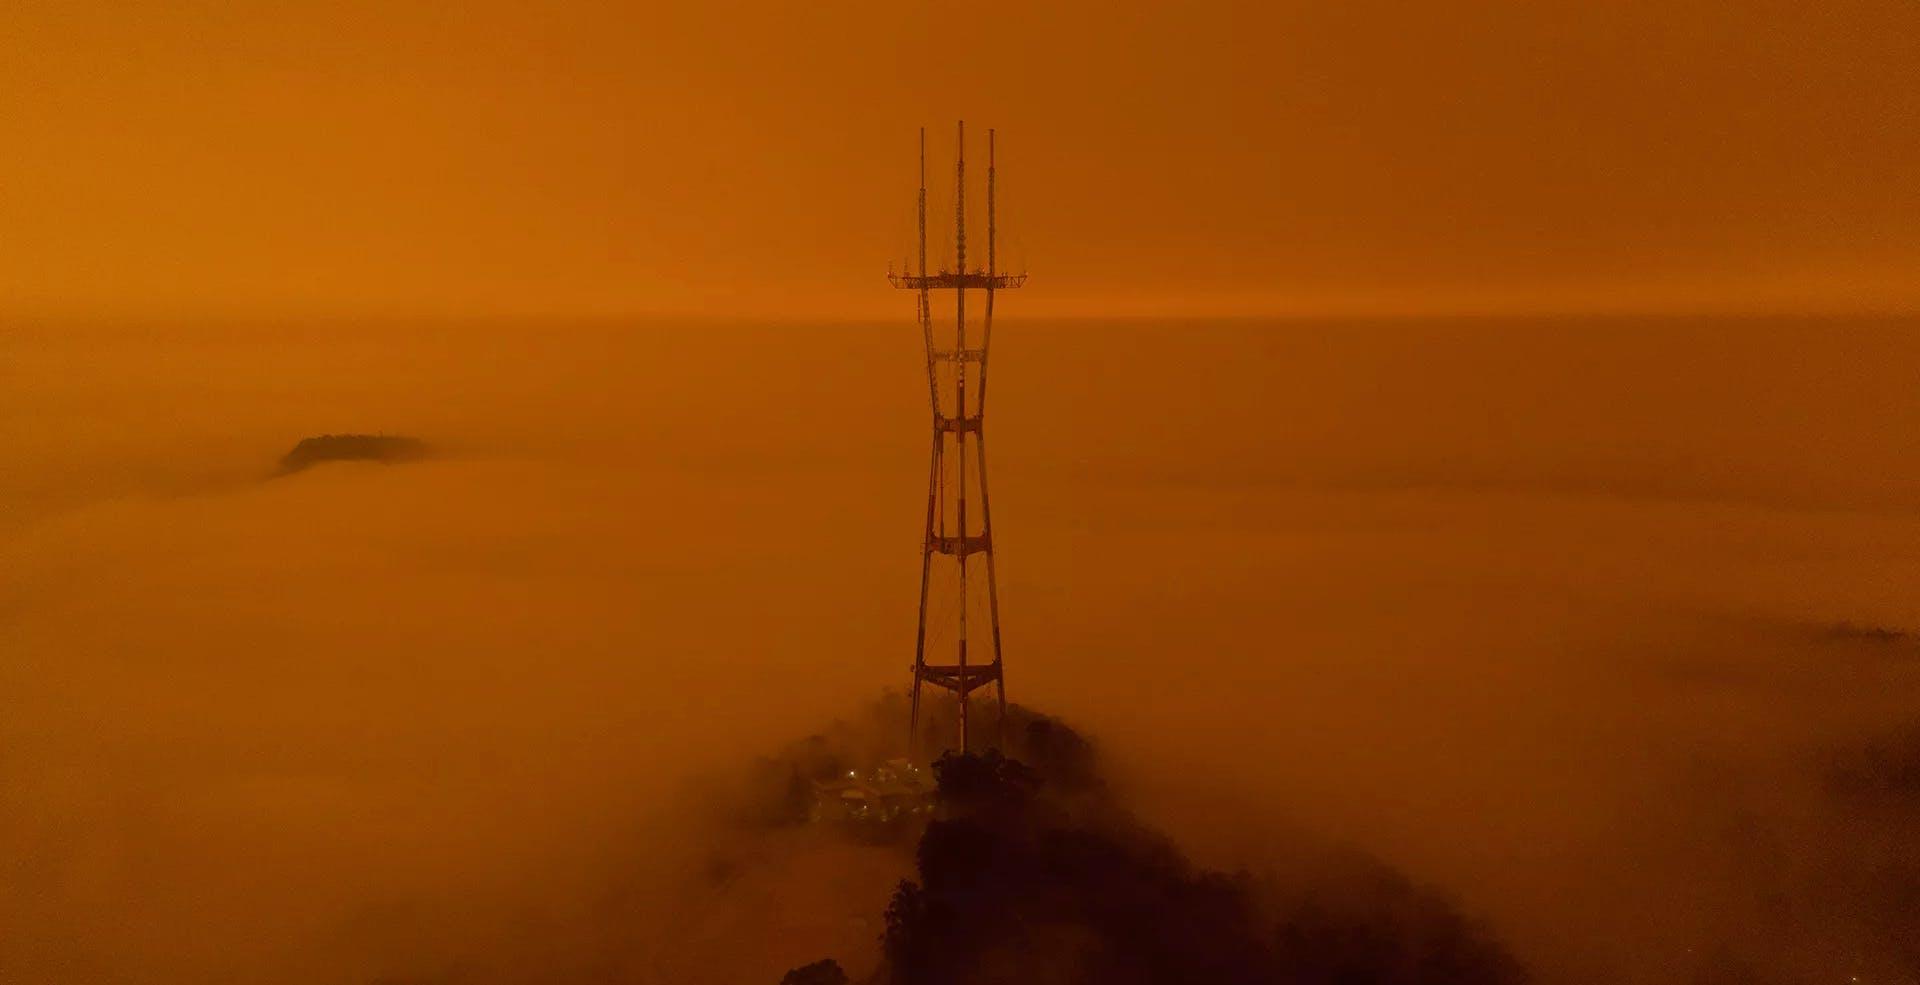 Il cielo di San Francisco si è tinto di un rosso post-apocalittico a causa degli incendi che mordono la California